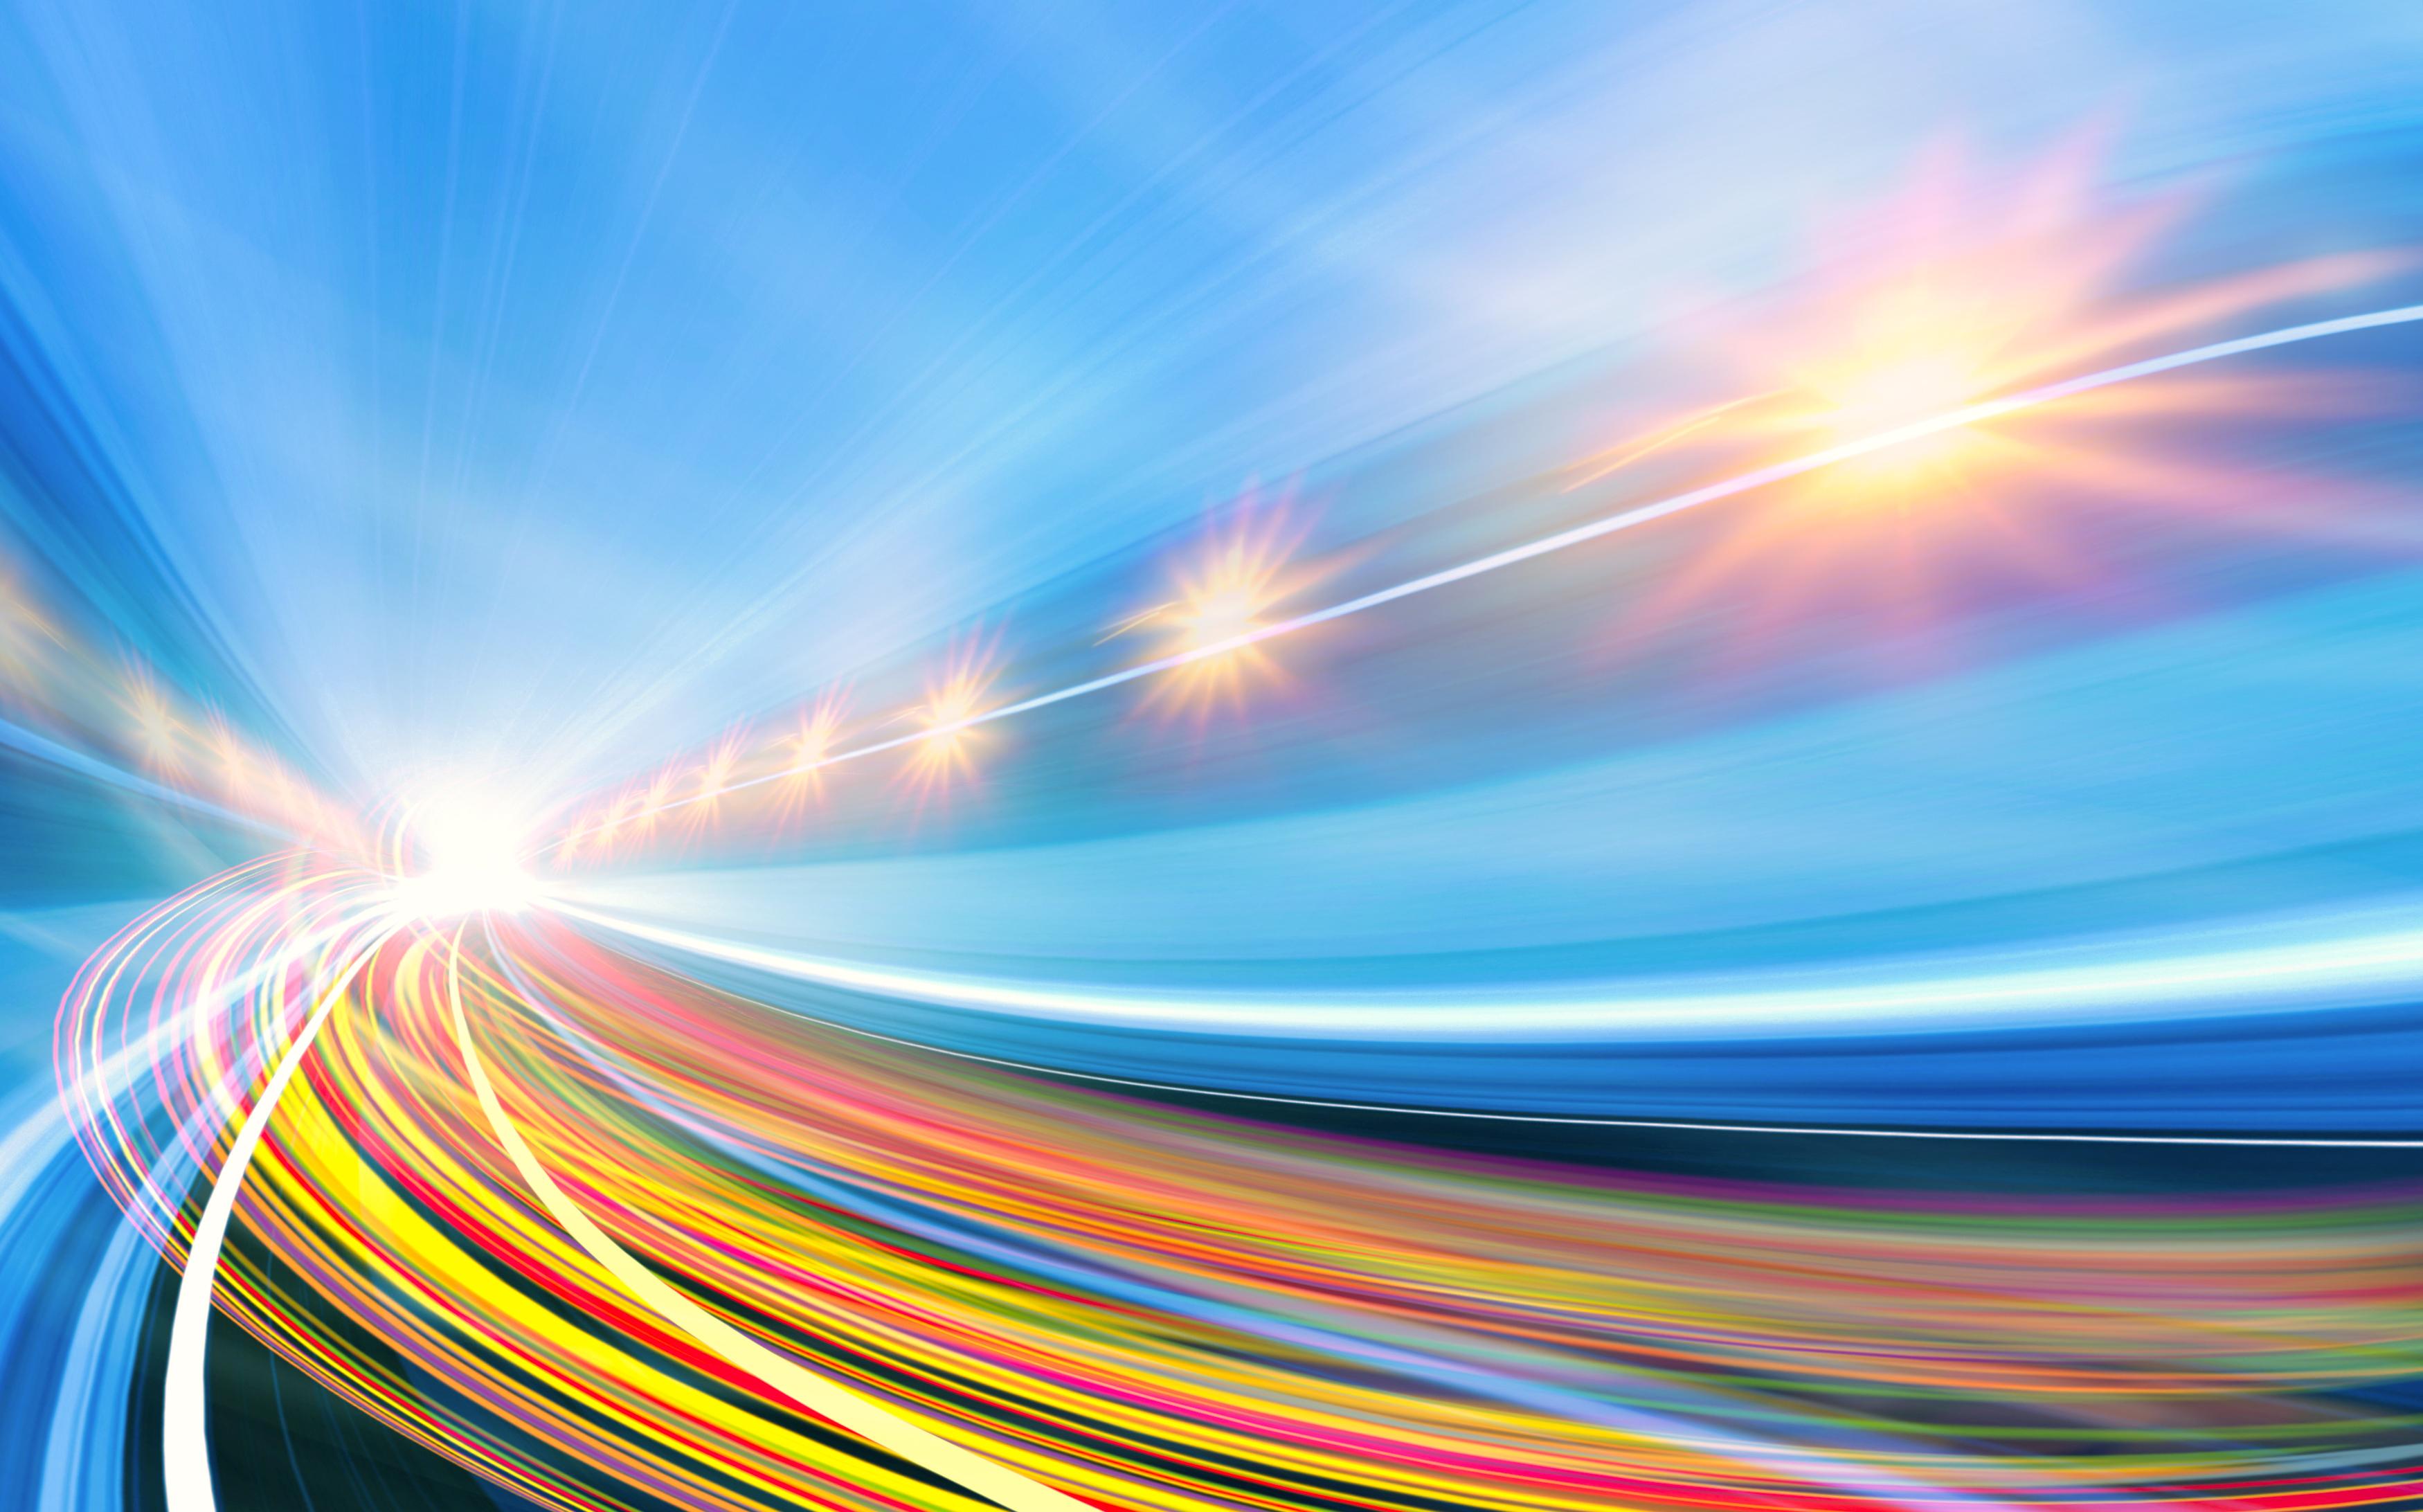 Tim, Sparkle lancia un nuovo collegamento in fibra ottica tra Lubiana e Milano